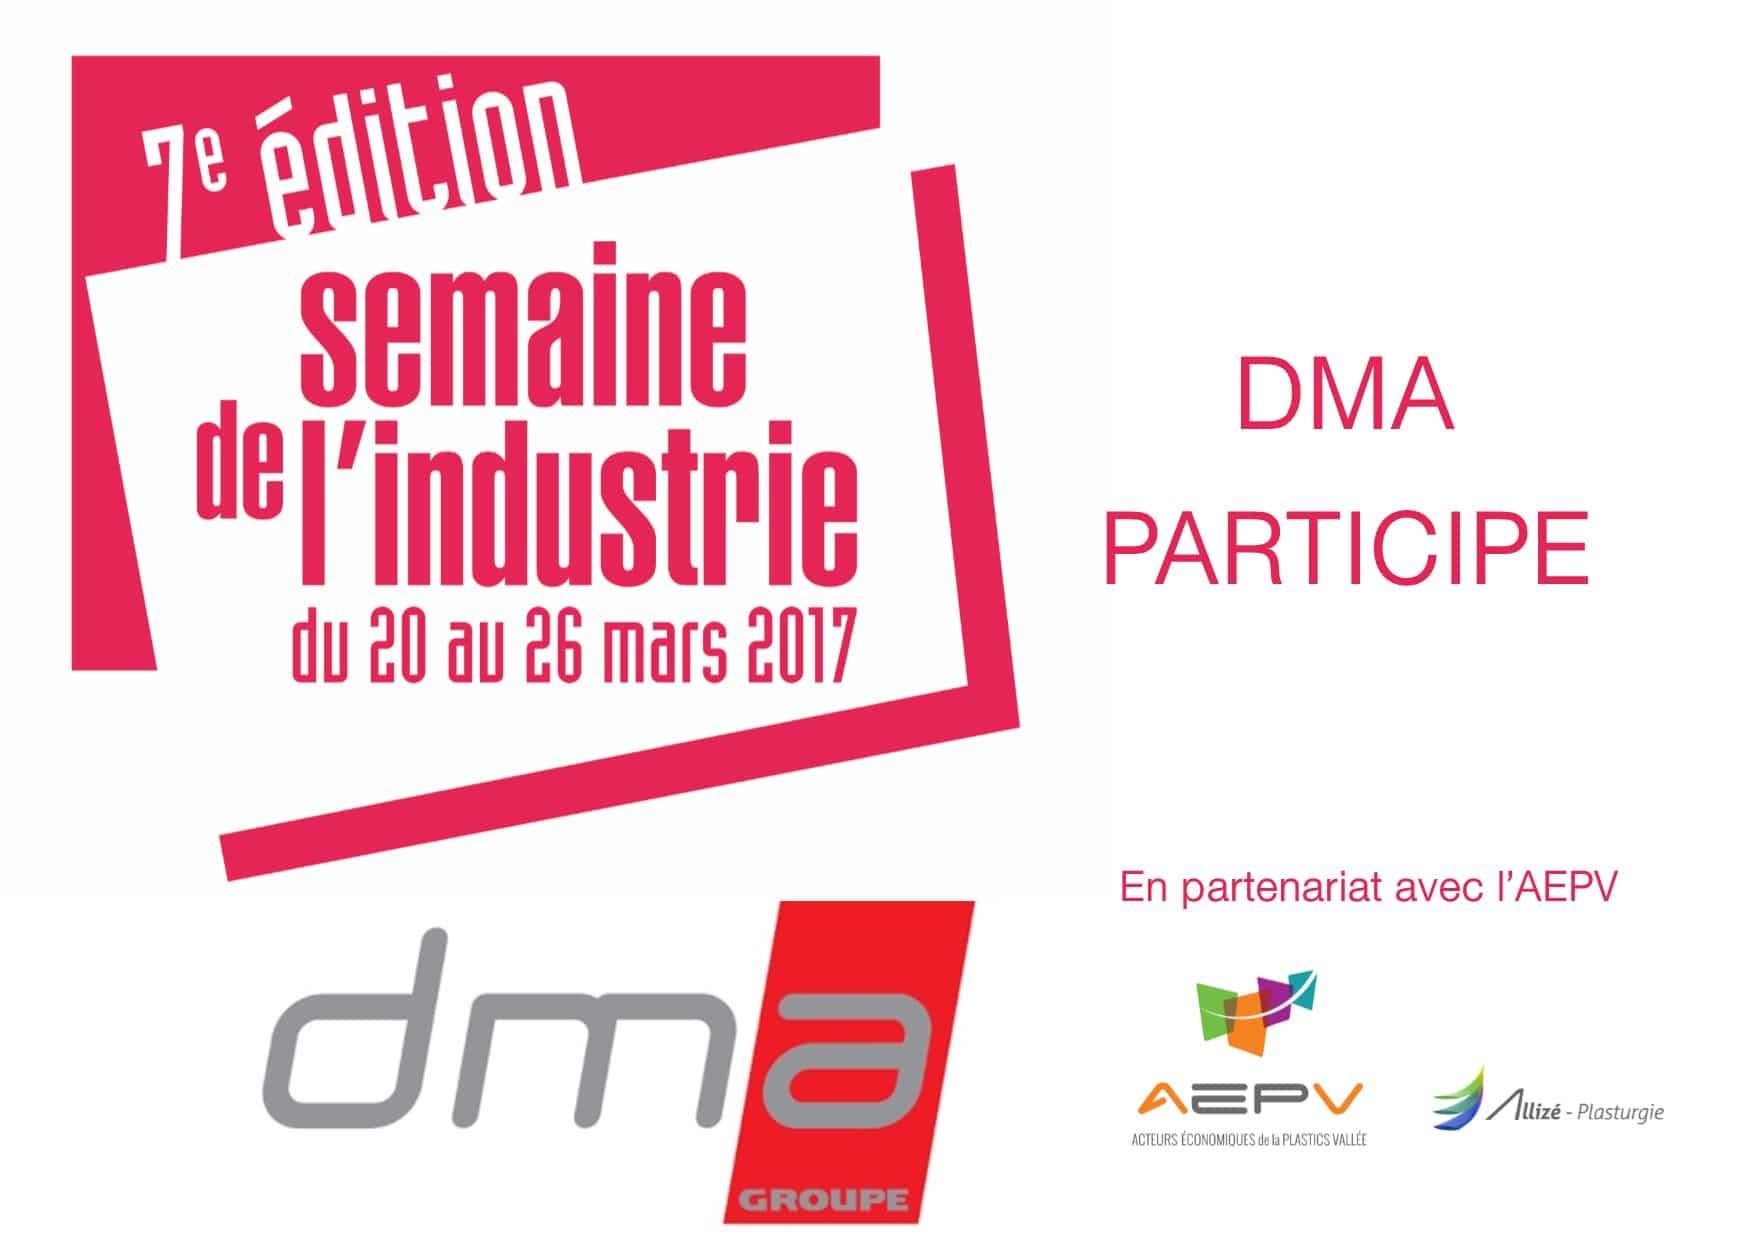 DMA présent à la semaine de l'industrie